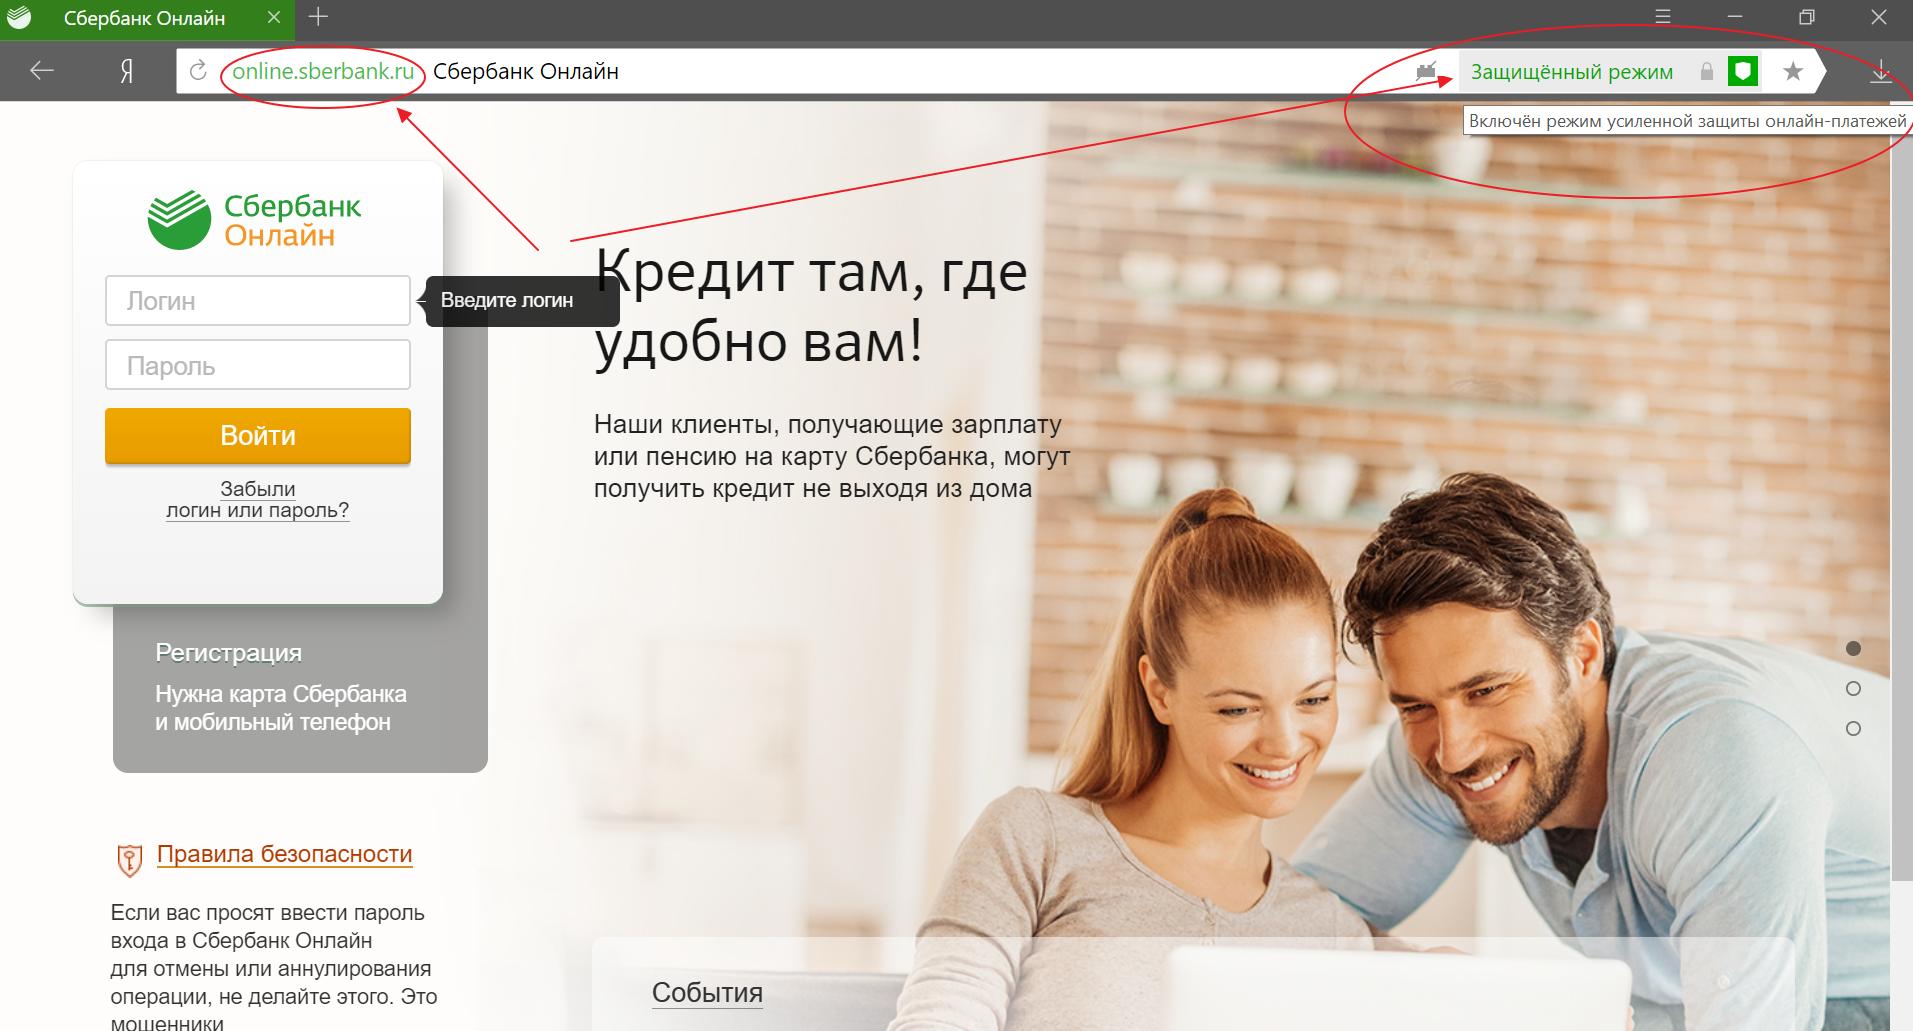 Как выглядит и по какому адресу располагается официальный сайт Личного Кабинета Сбербанка Онлайн